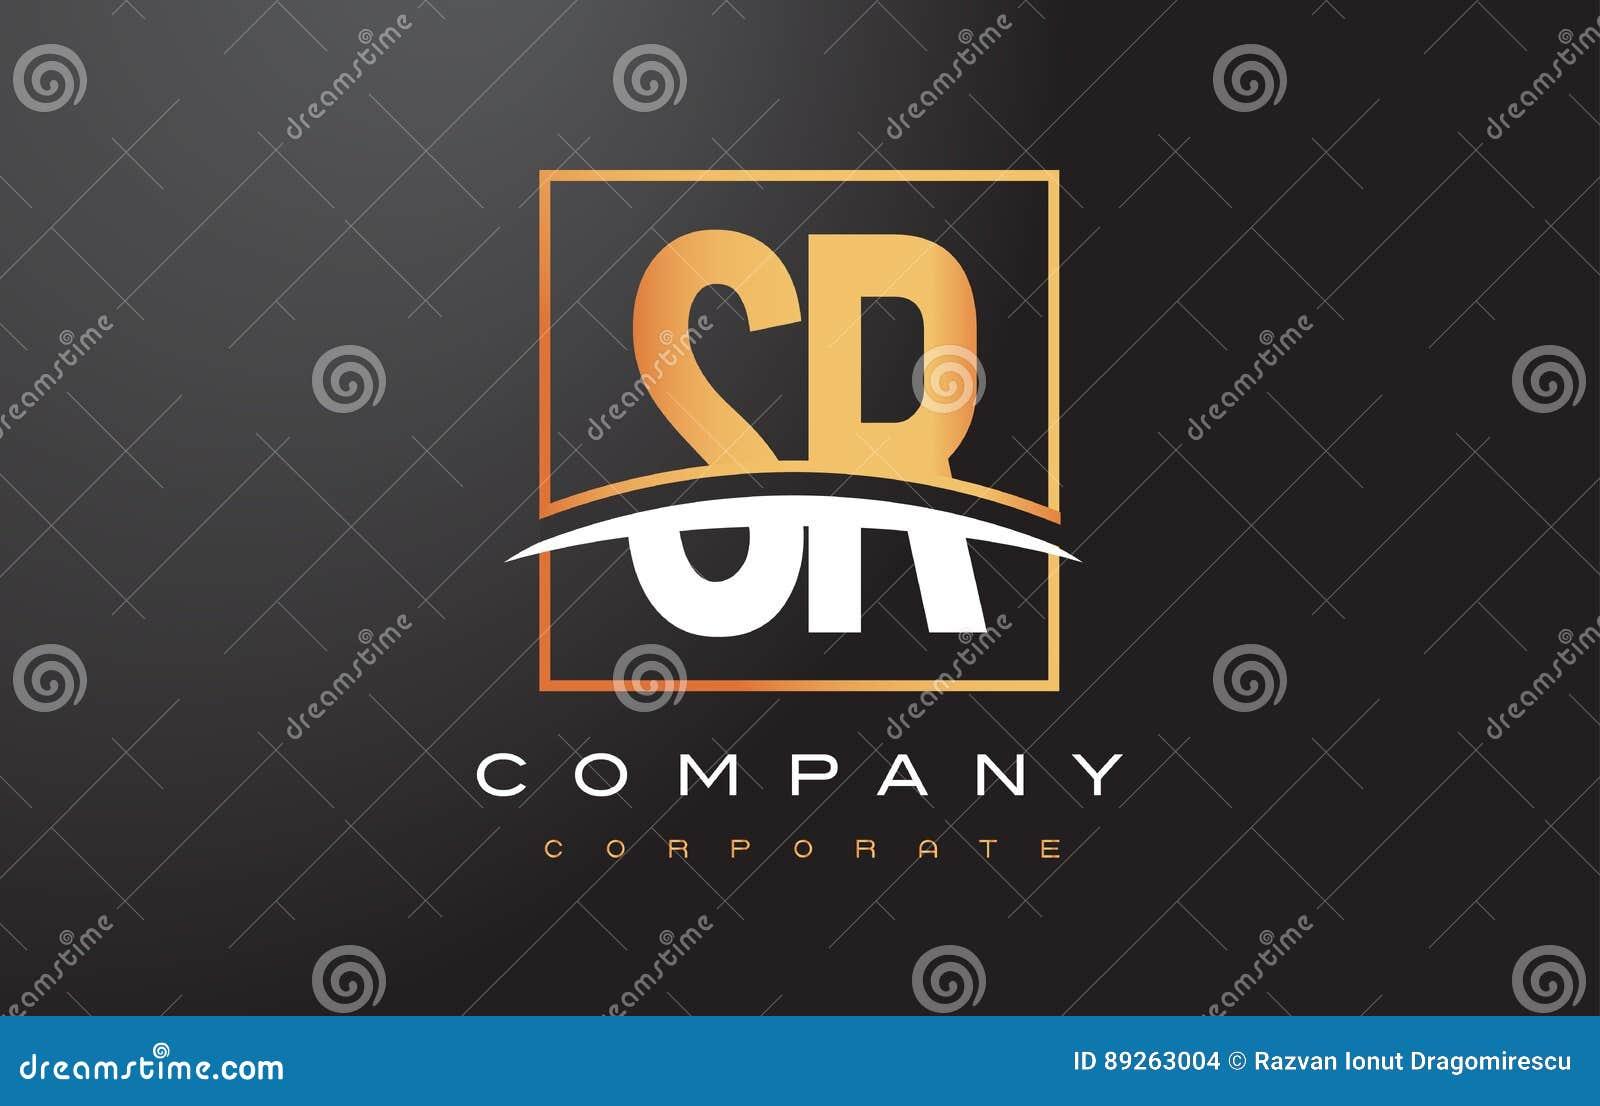 Lettre d or Logo Design du SR S R avec la place et le bruissement d or